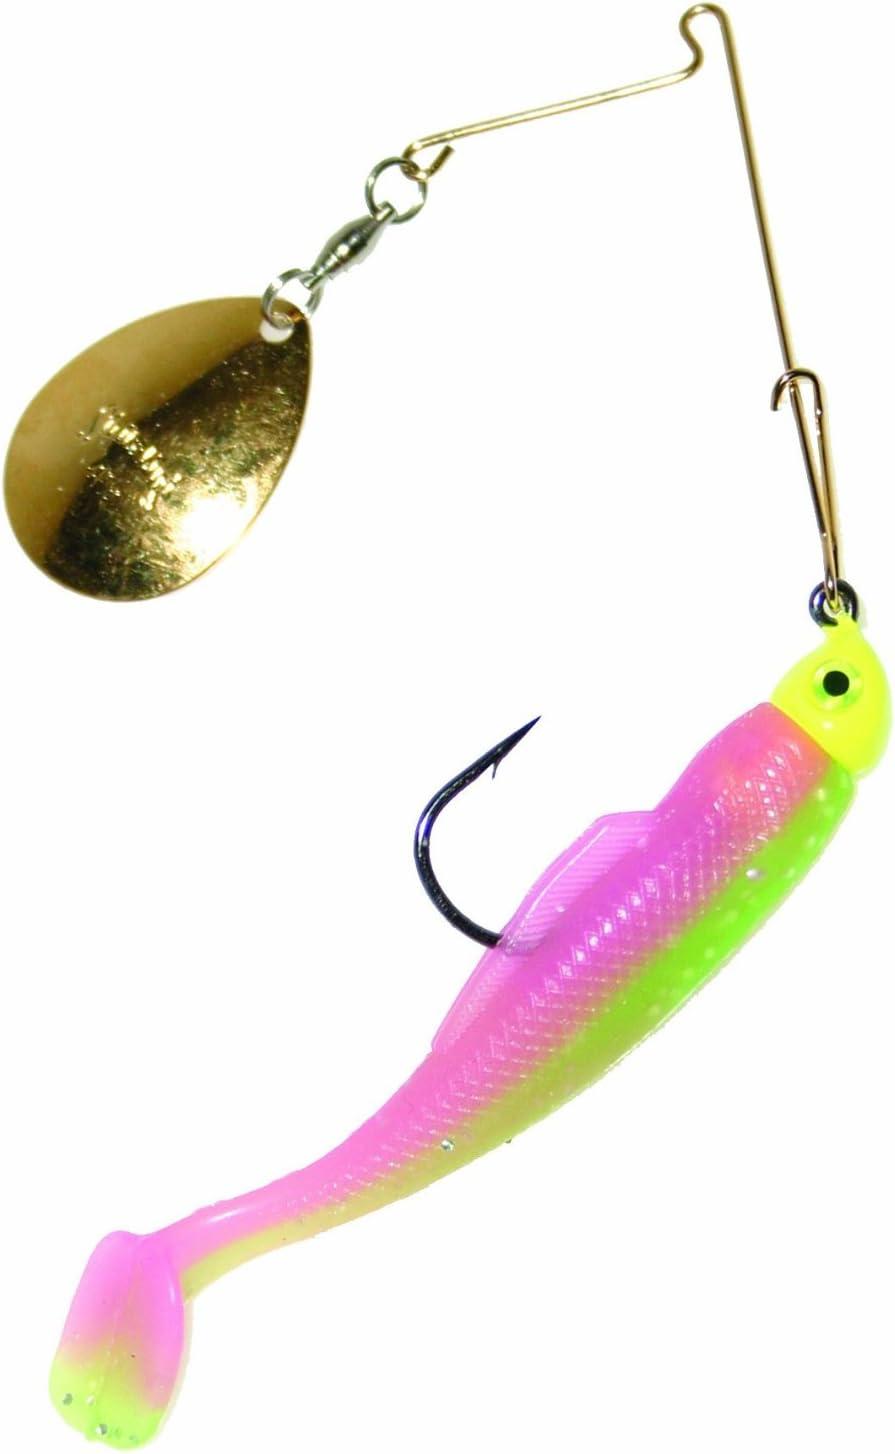 Strike King Redfish Magic Spinnerbait